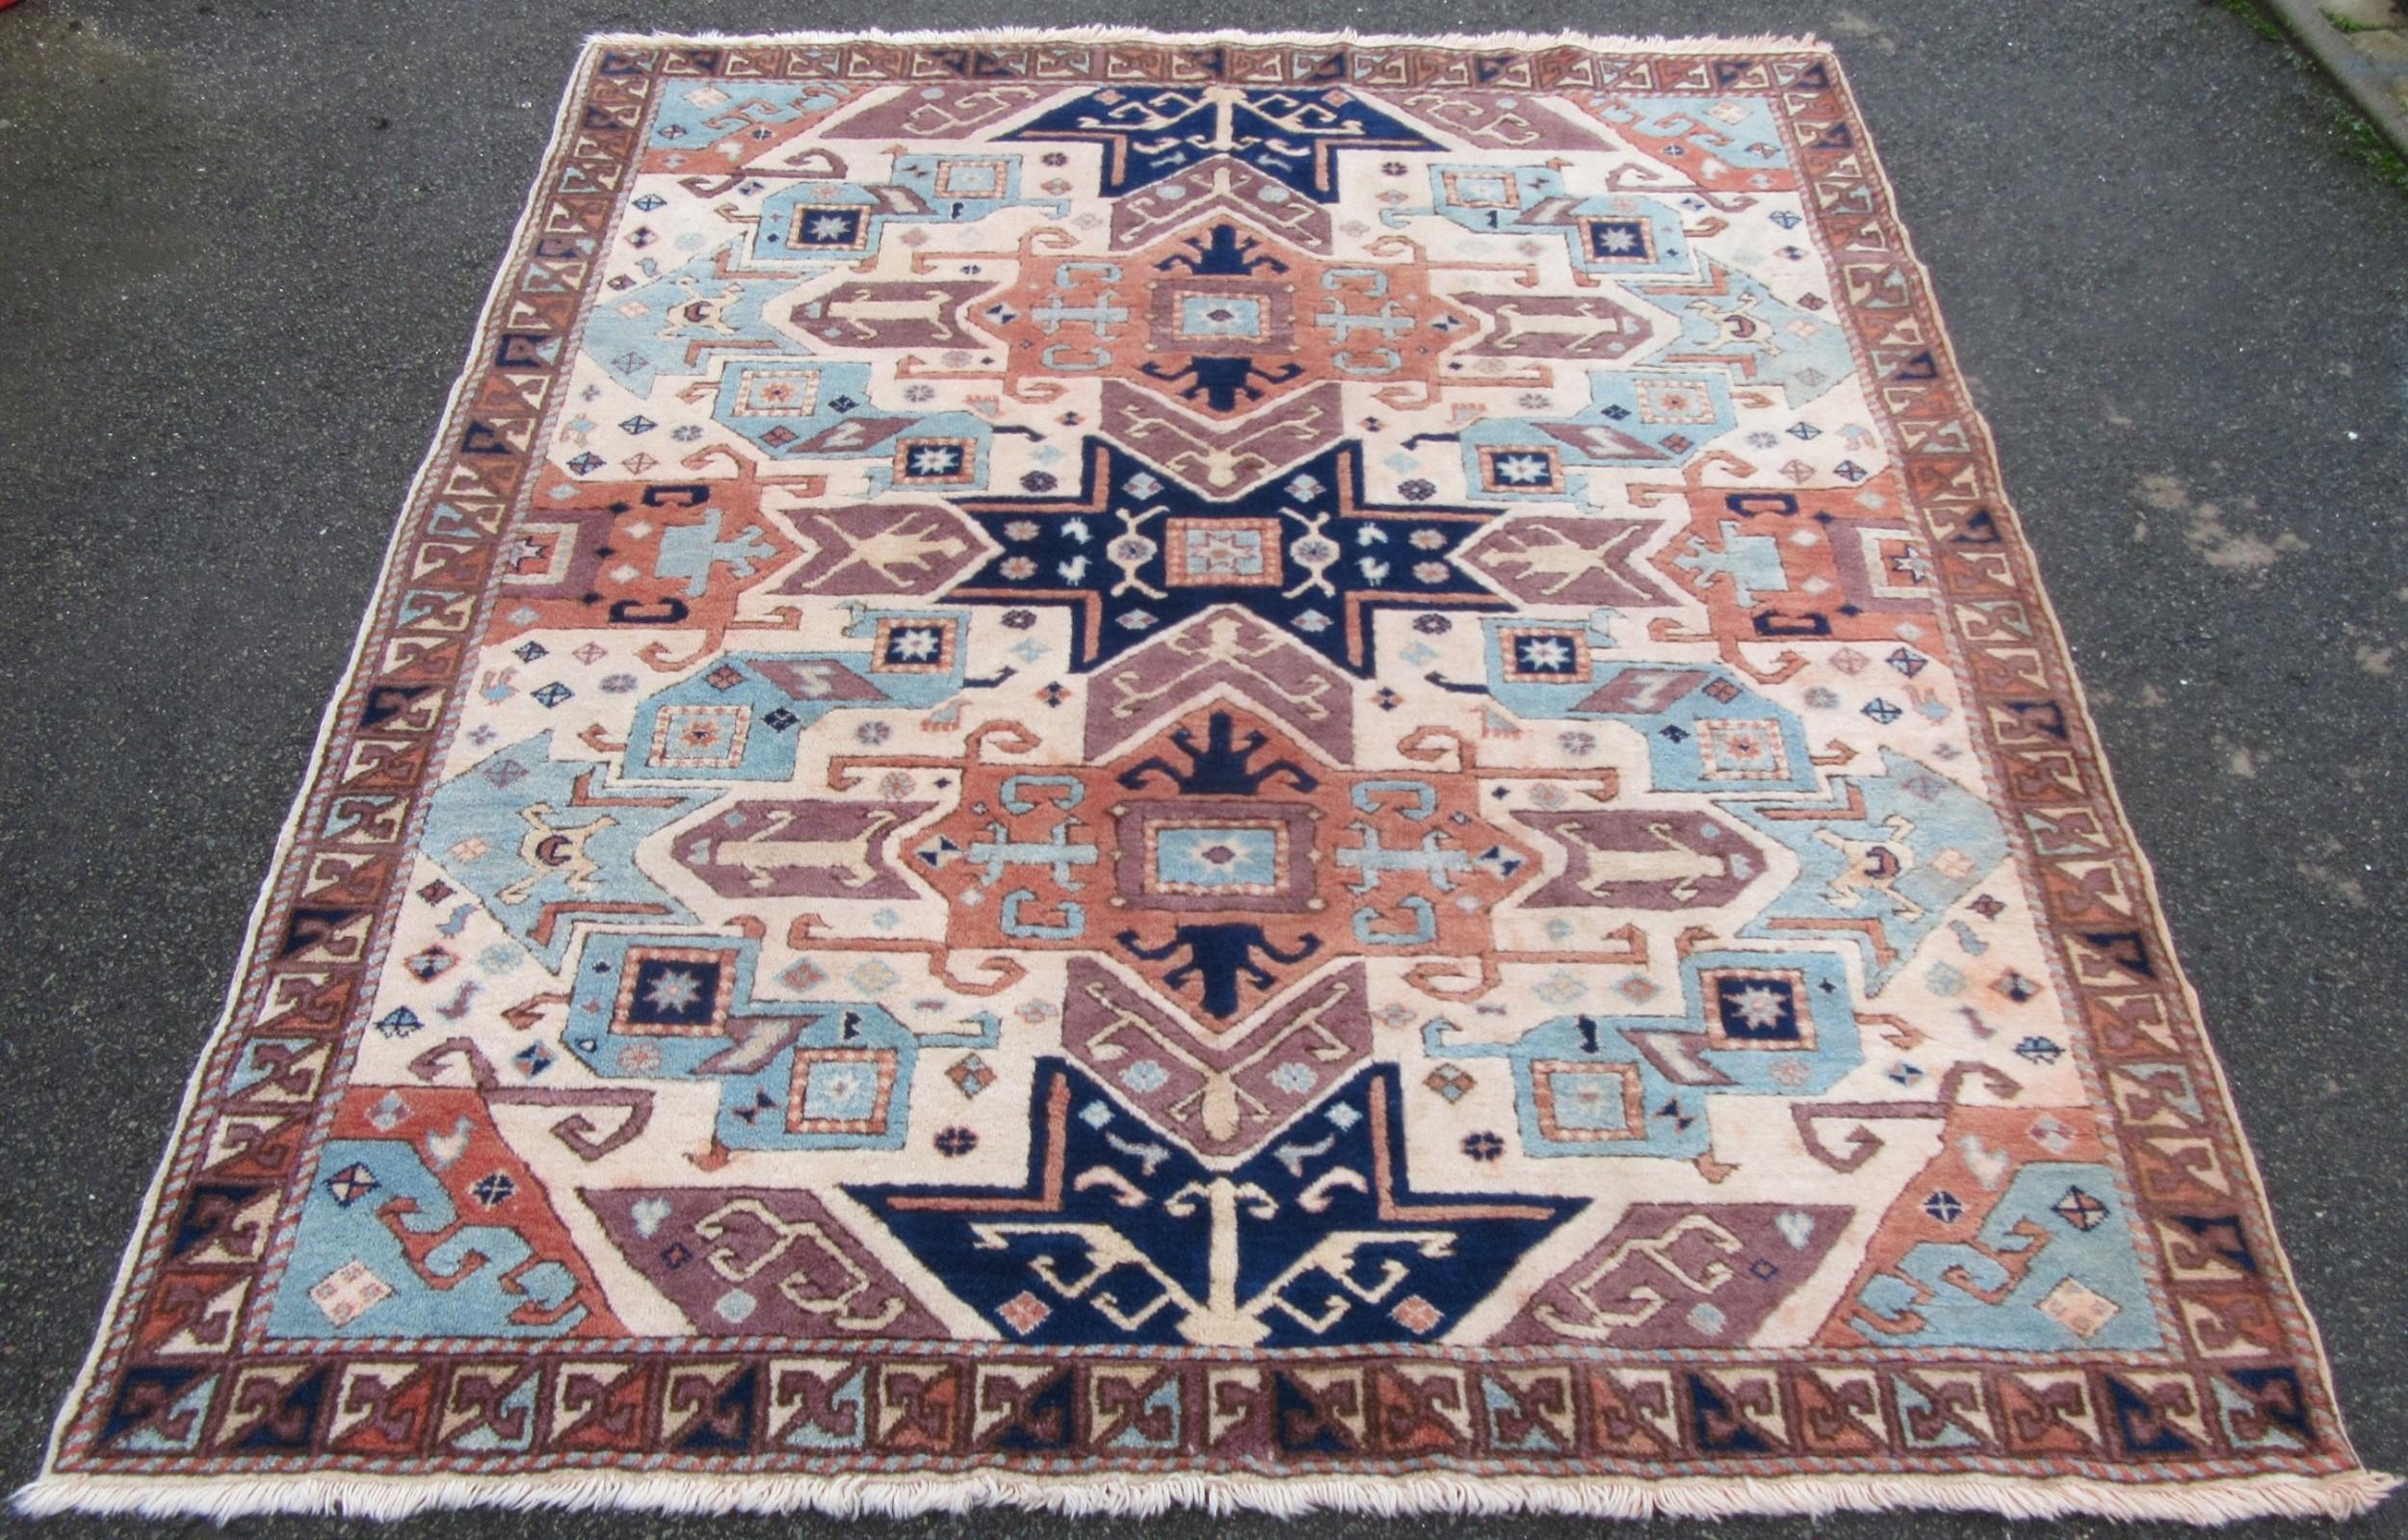 unusual vintage turkish kars kazak large rug carpet unusual sized 206cm x 186cm